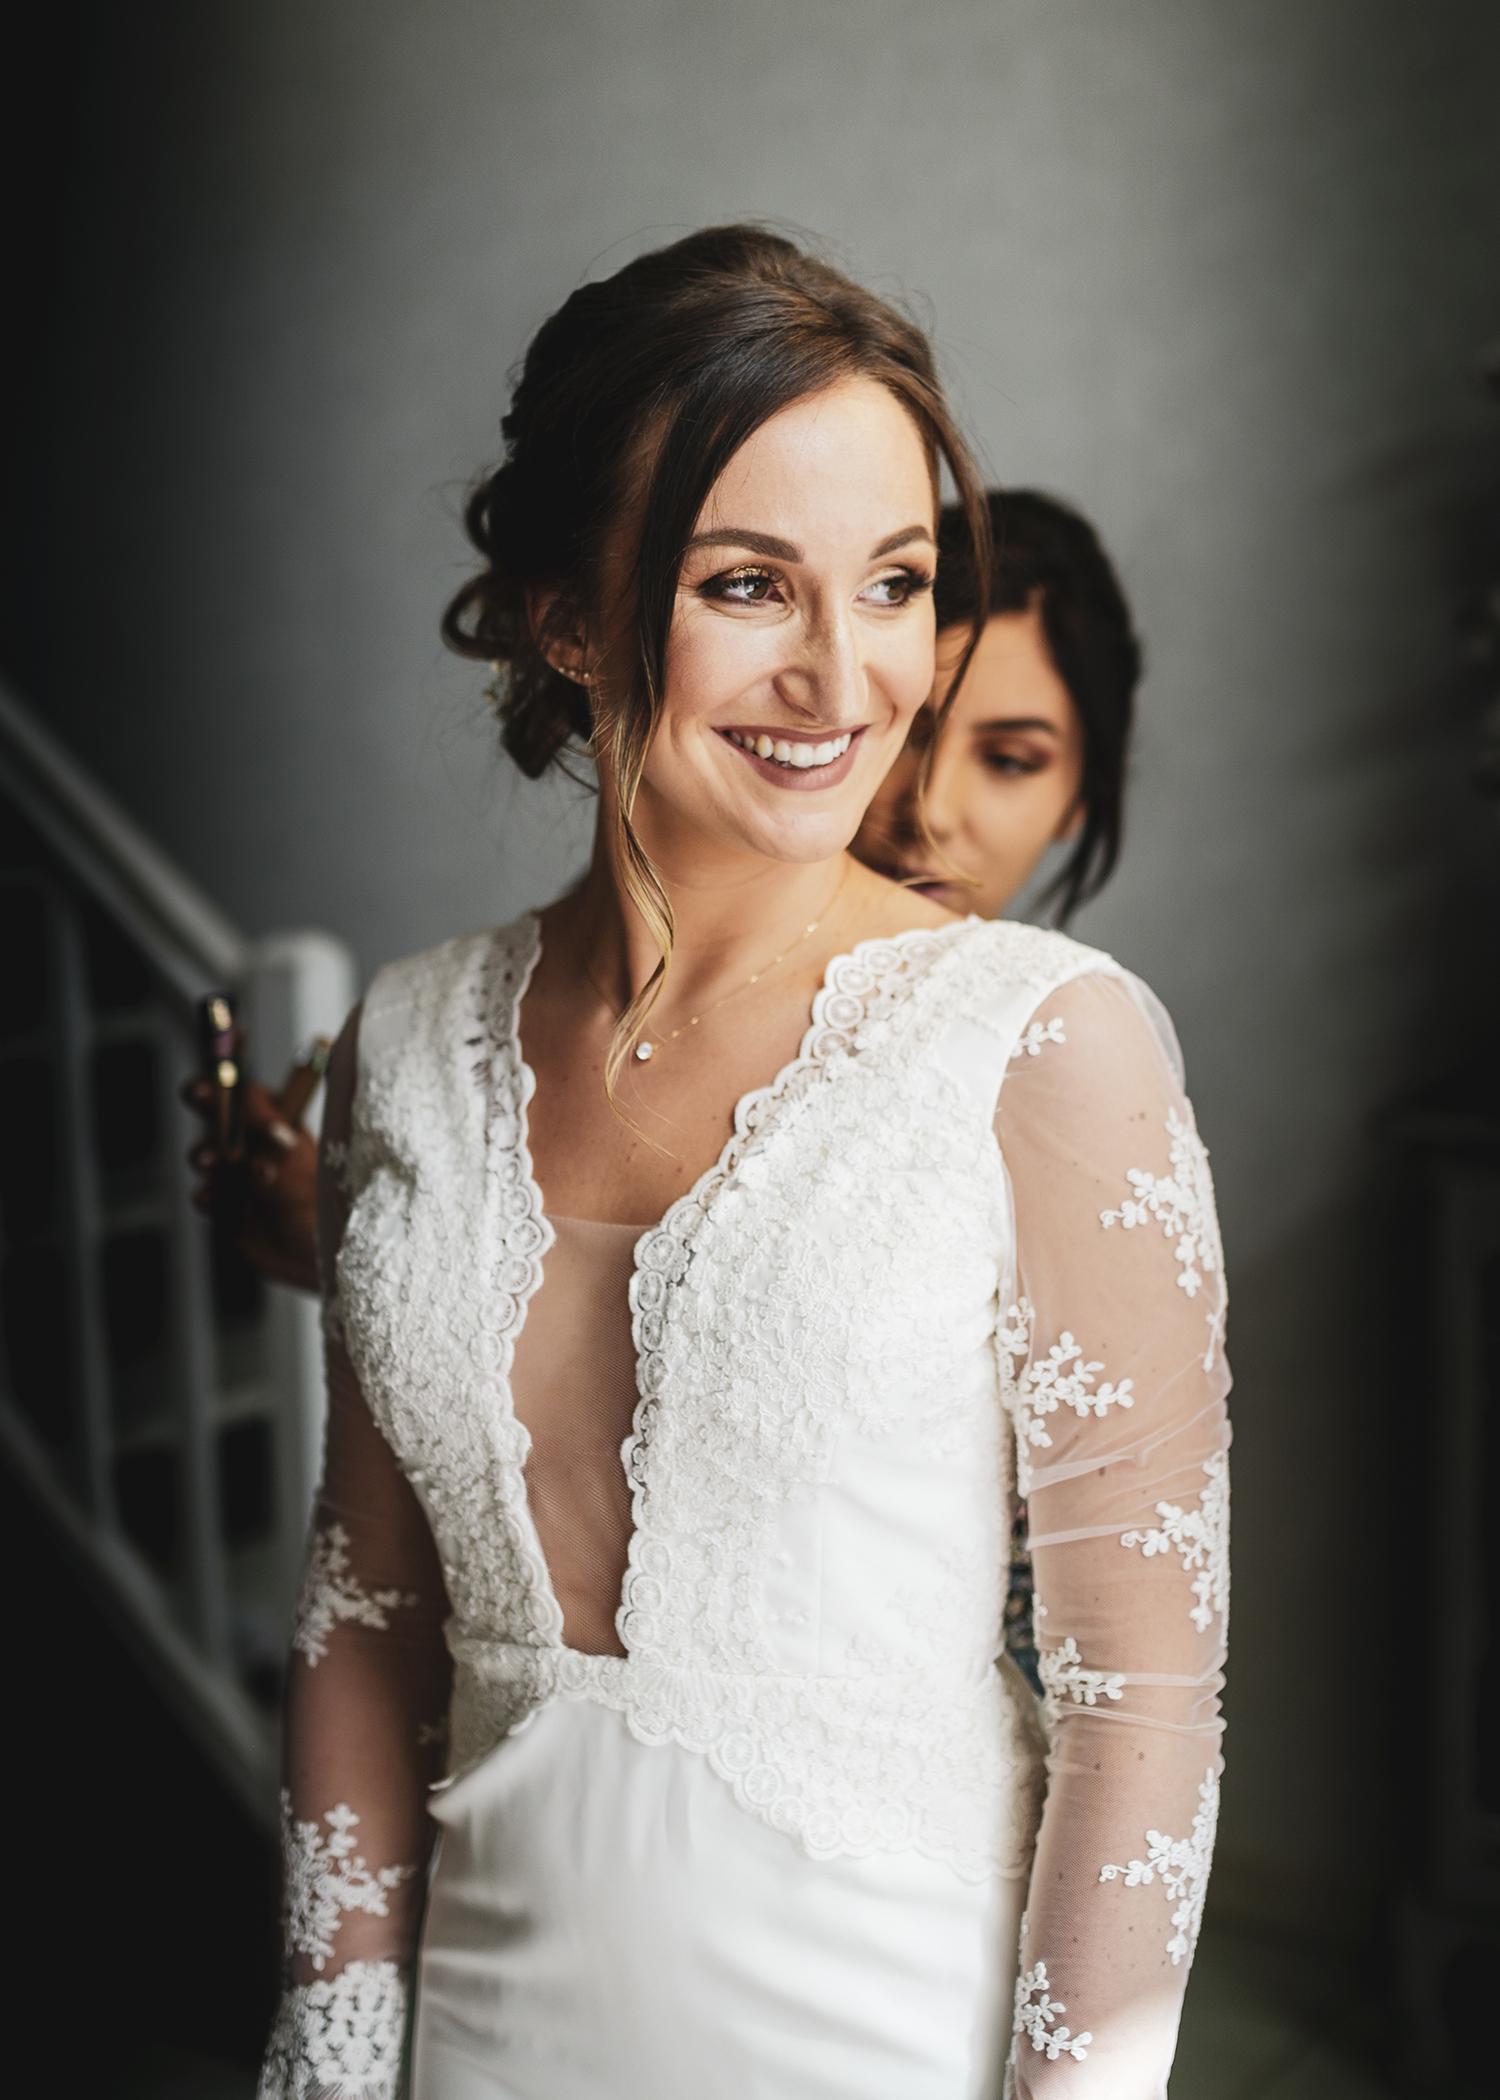 Photographe de mariage dans la loire, à Lorette près de st etienne